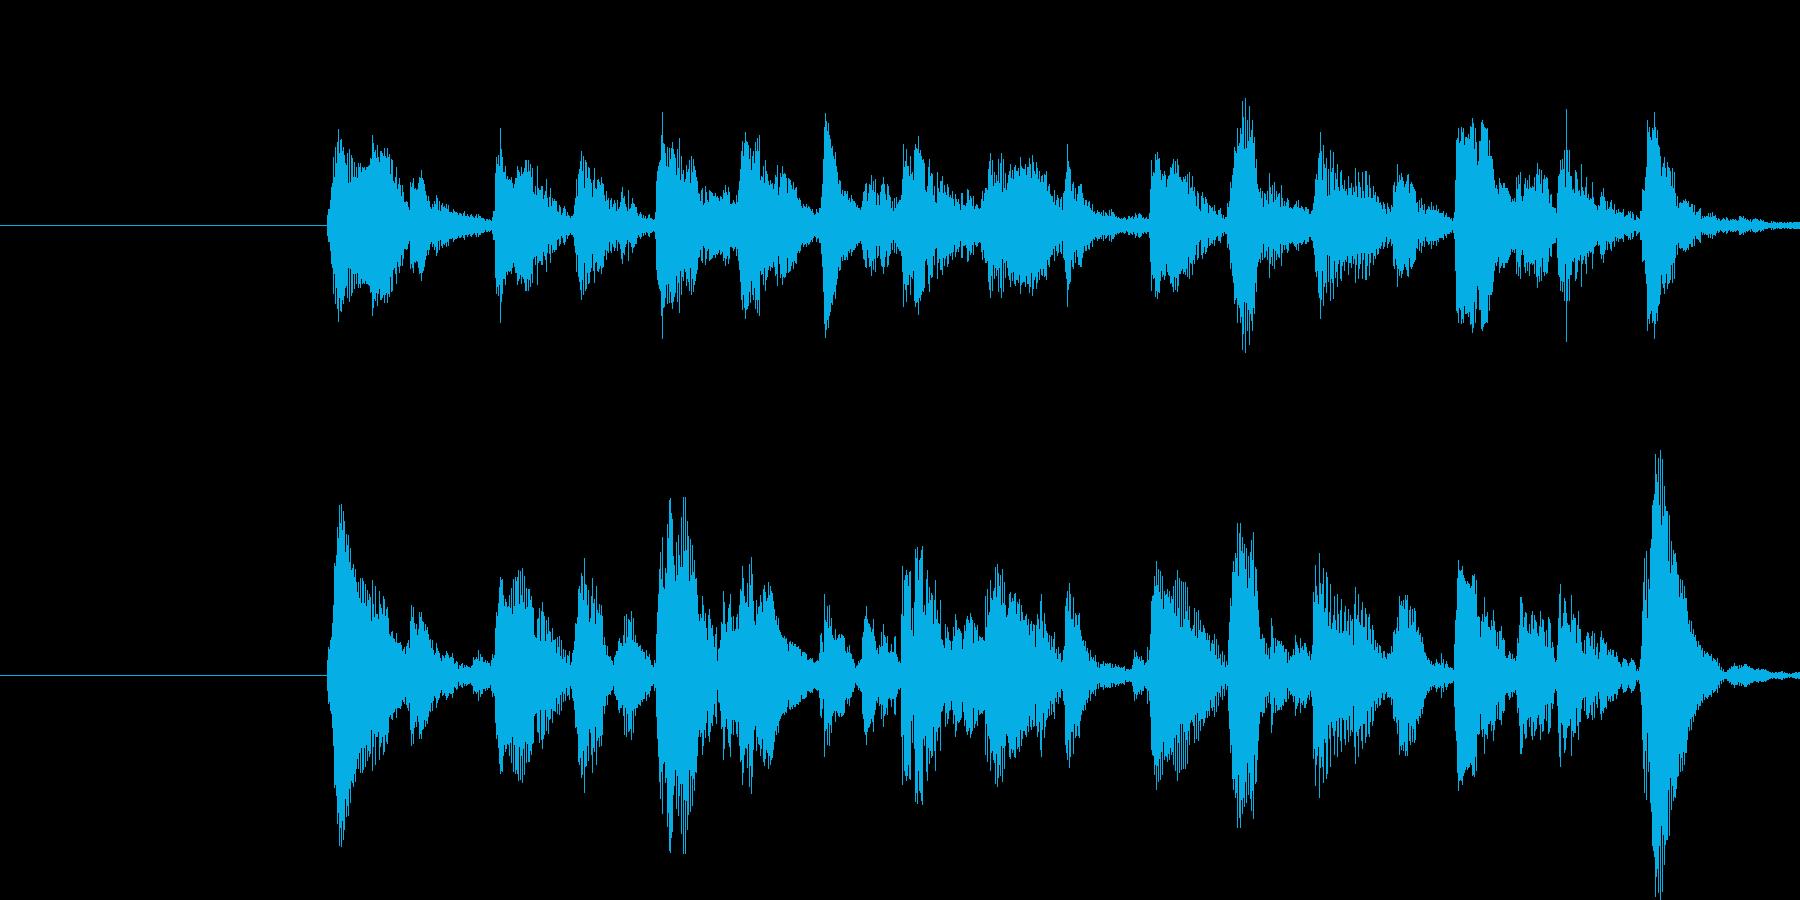 ハロウィン的で怪しげなジングルの再生済みの波形